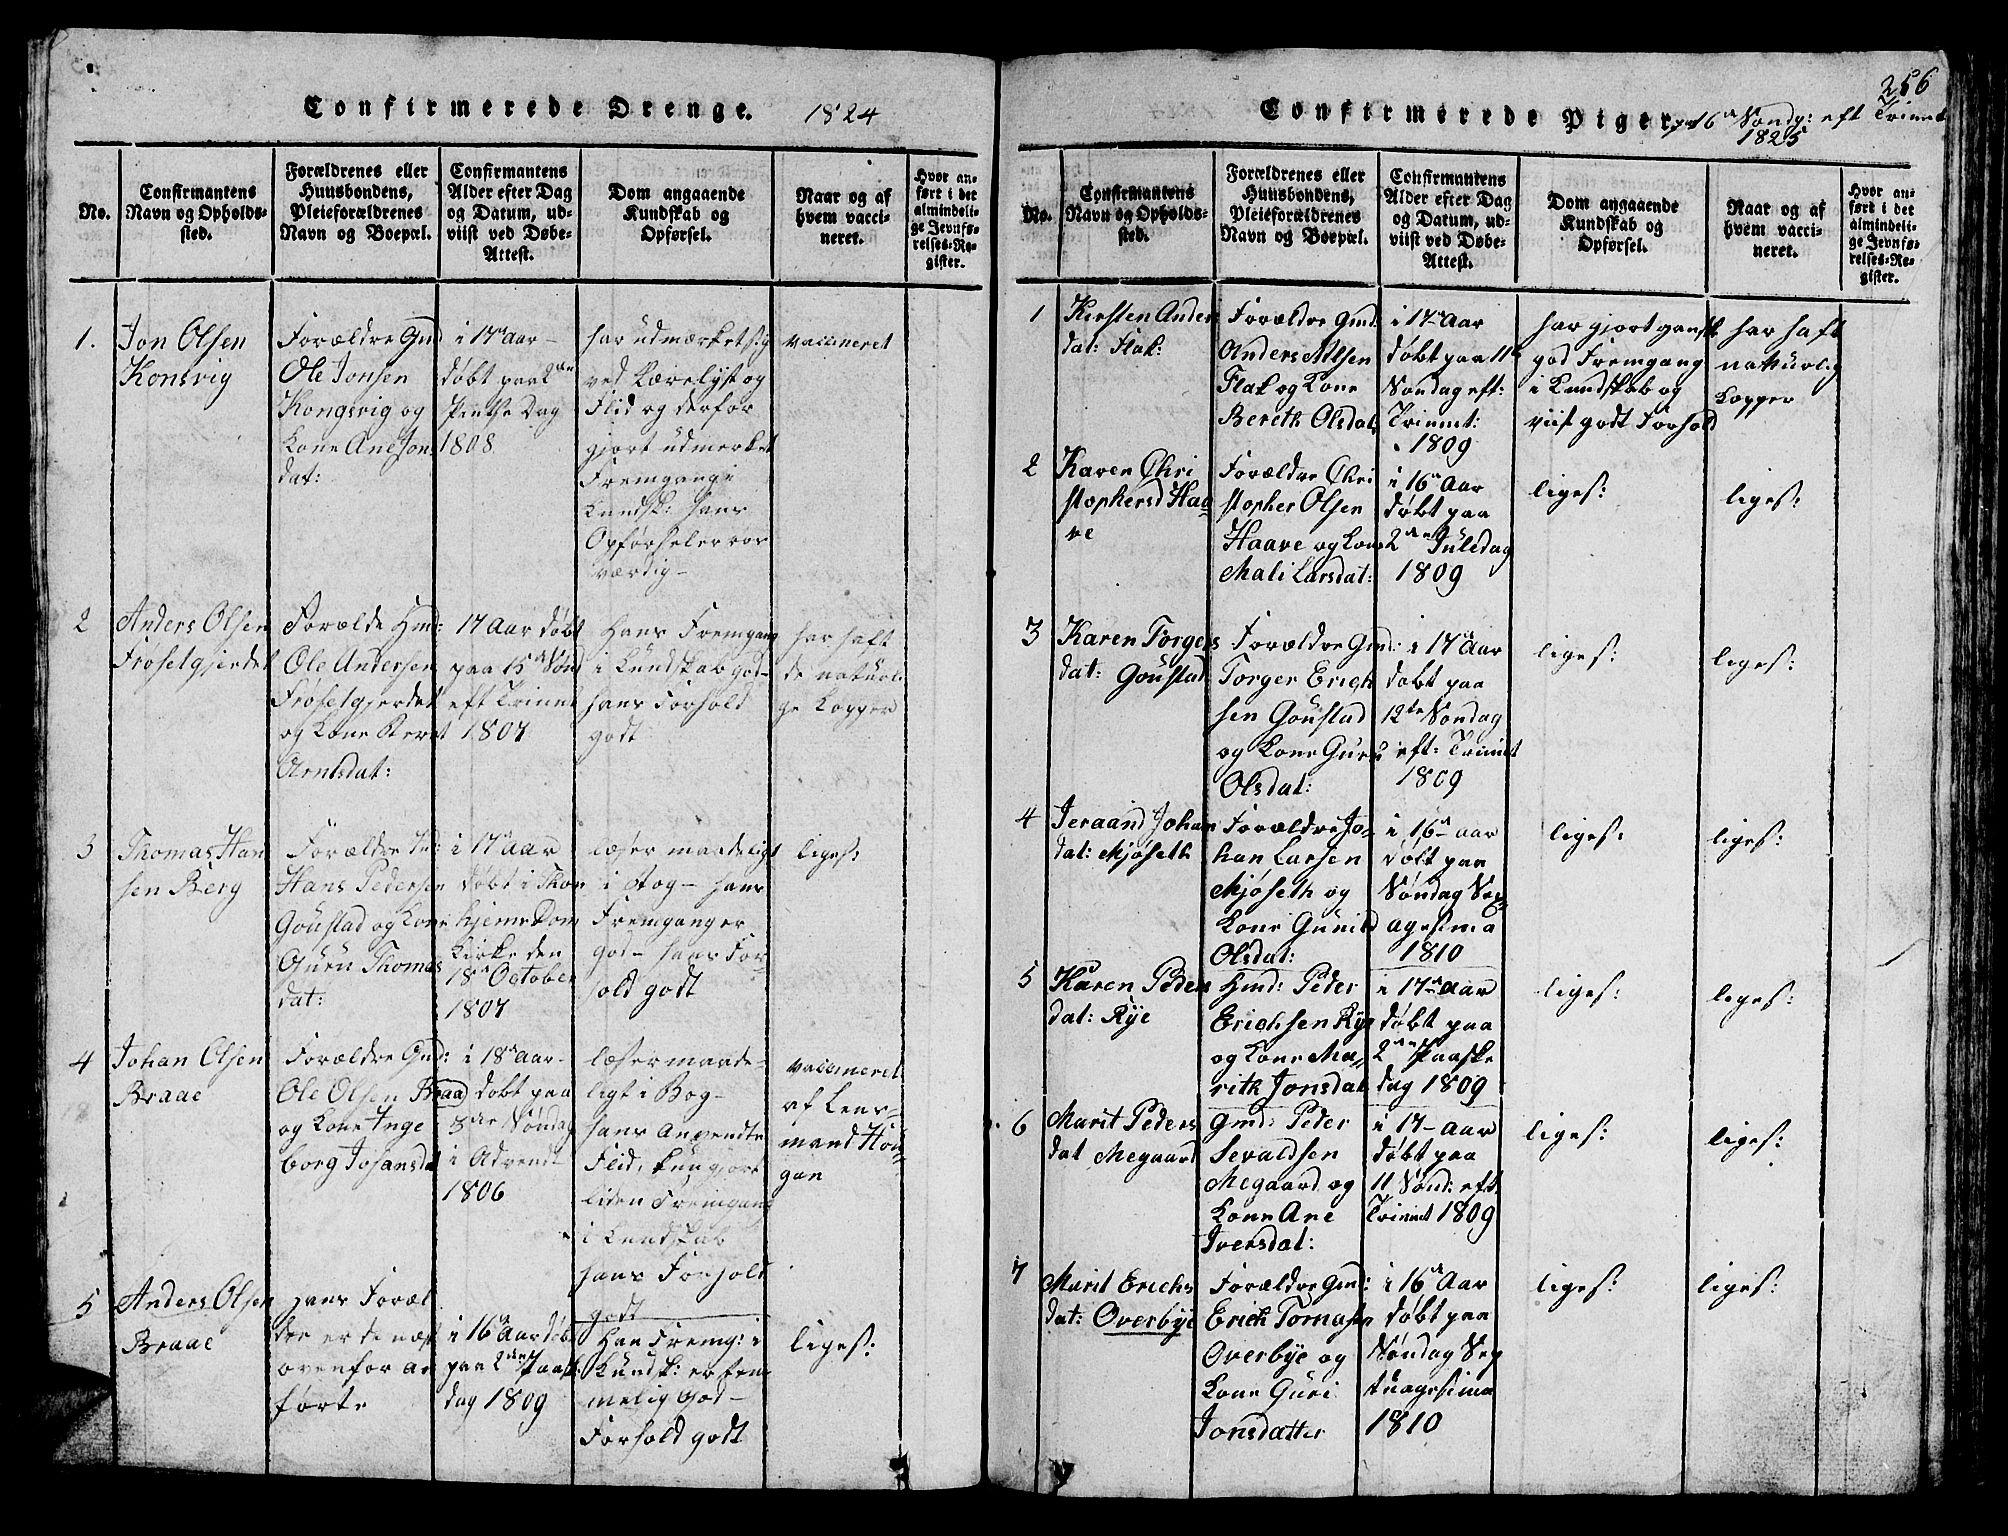 SAT, Ministerialprotokoller, klokkerbøker og fødselsregistre - Sør-Trøndelag, 612/L0385: Klokkerbok nr. 612C01, 1816-1845, s. 256